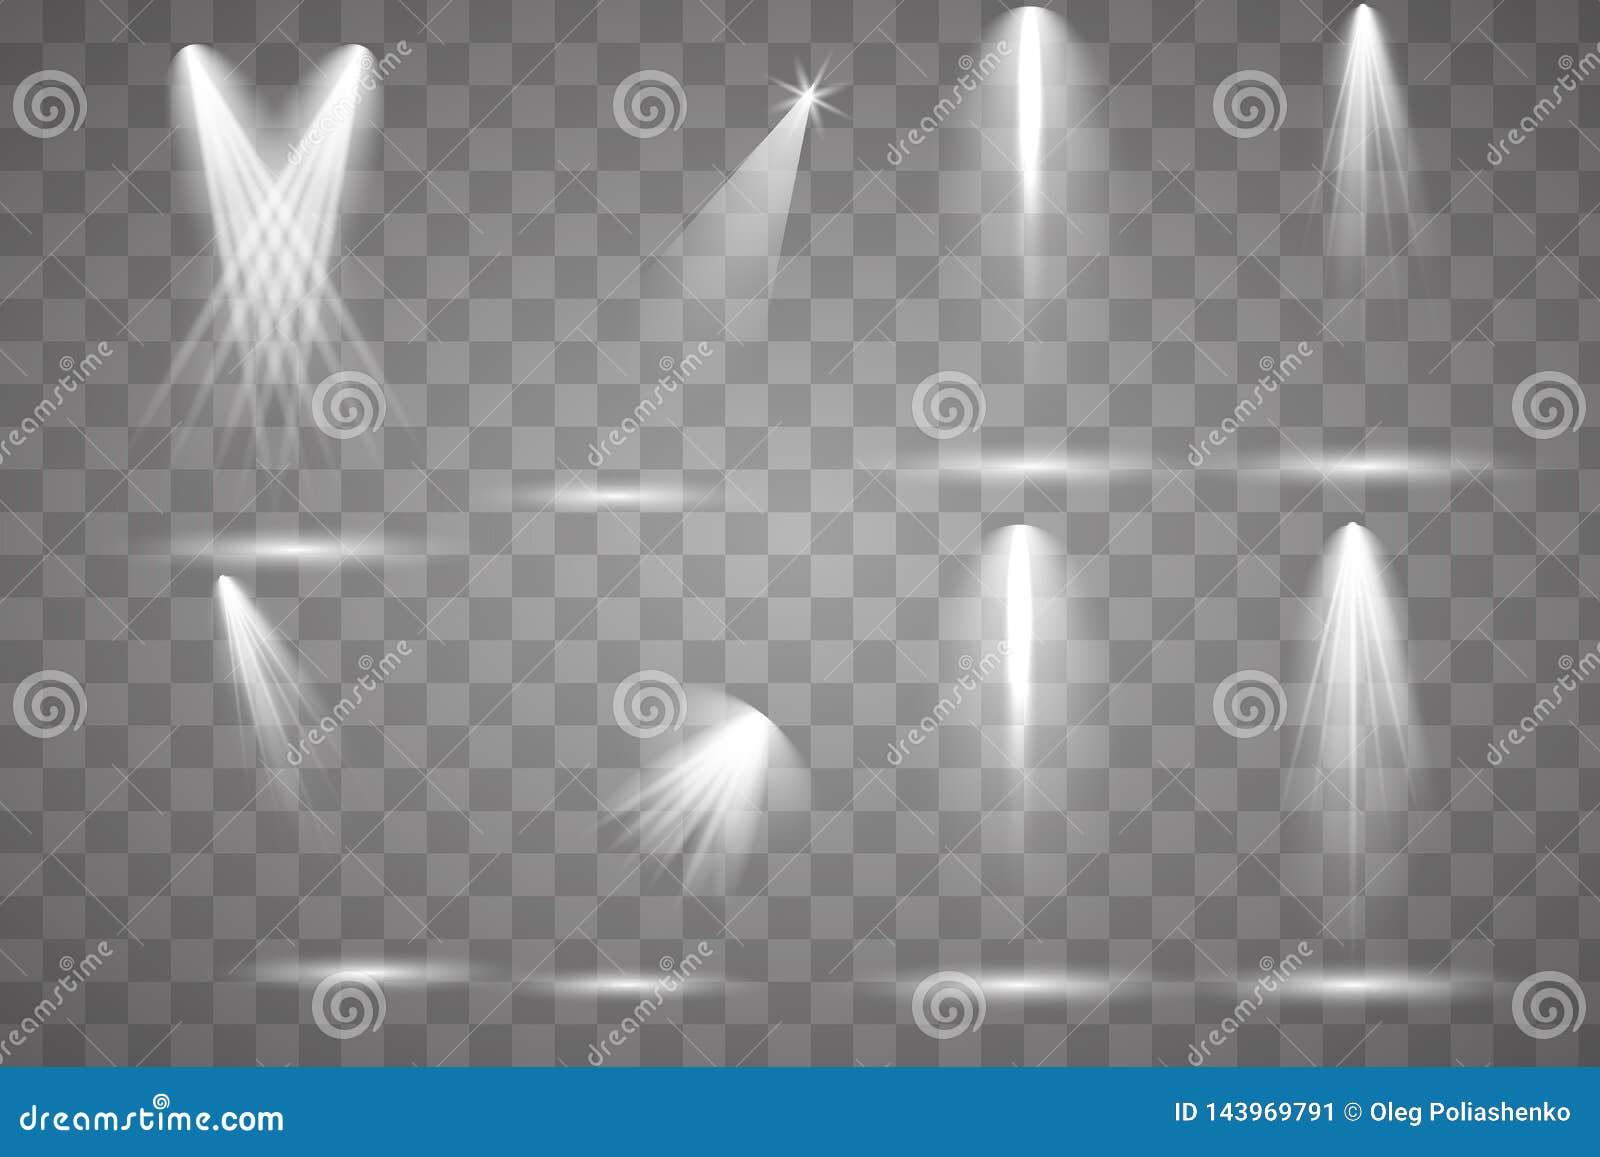 Iluminação brilhante com projetores